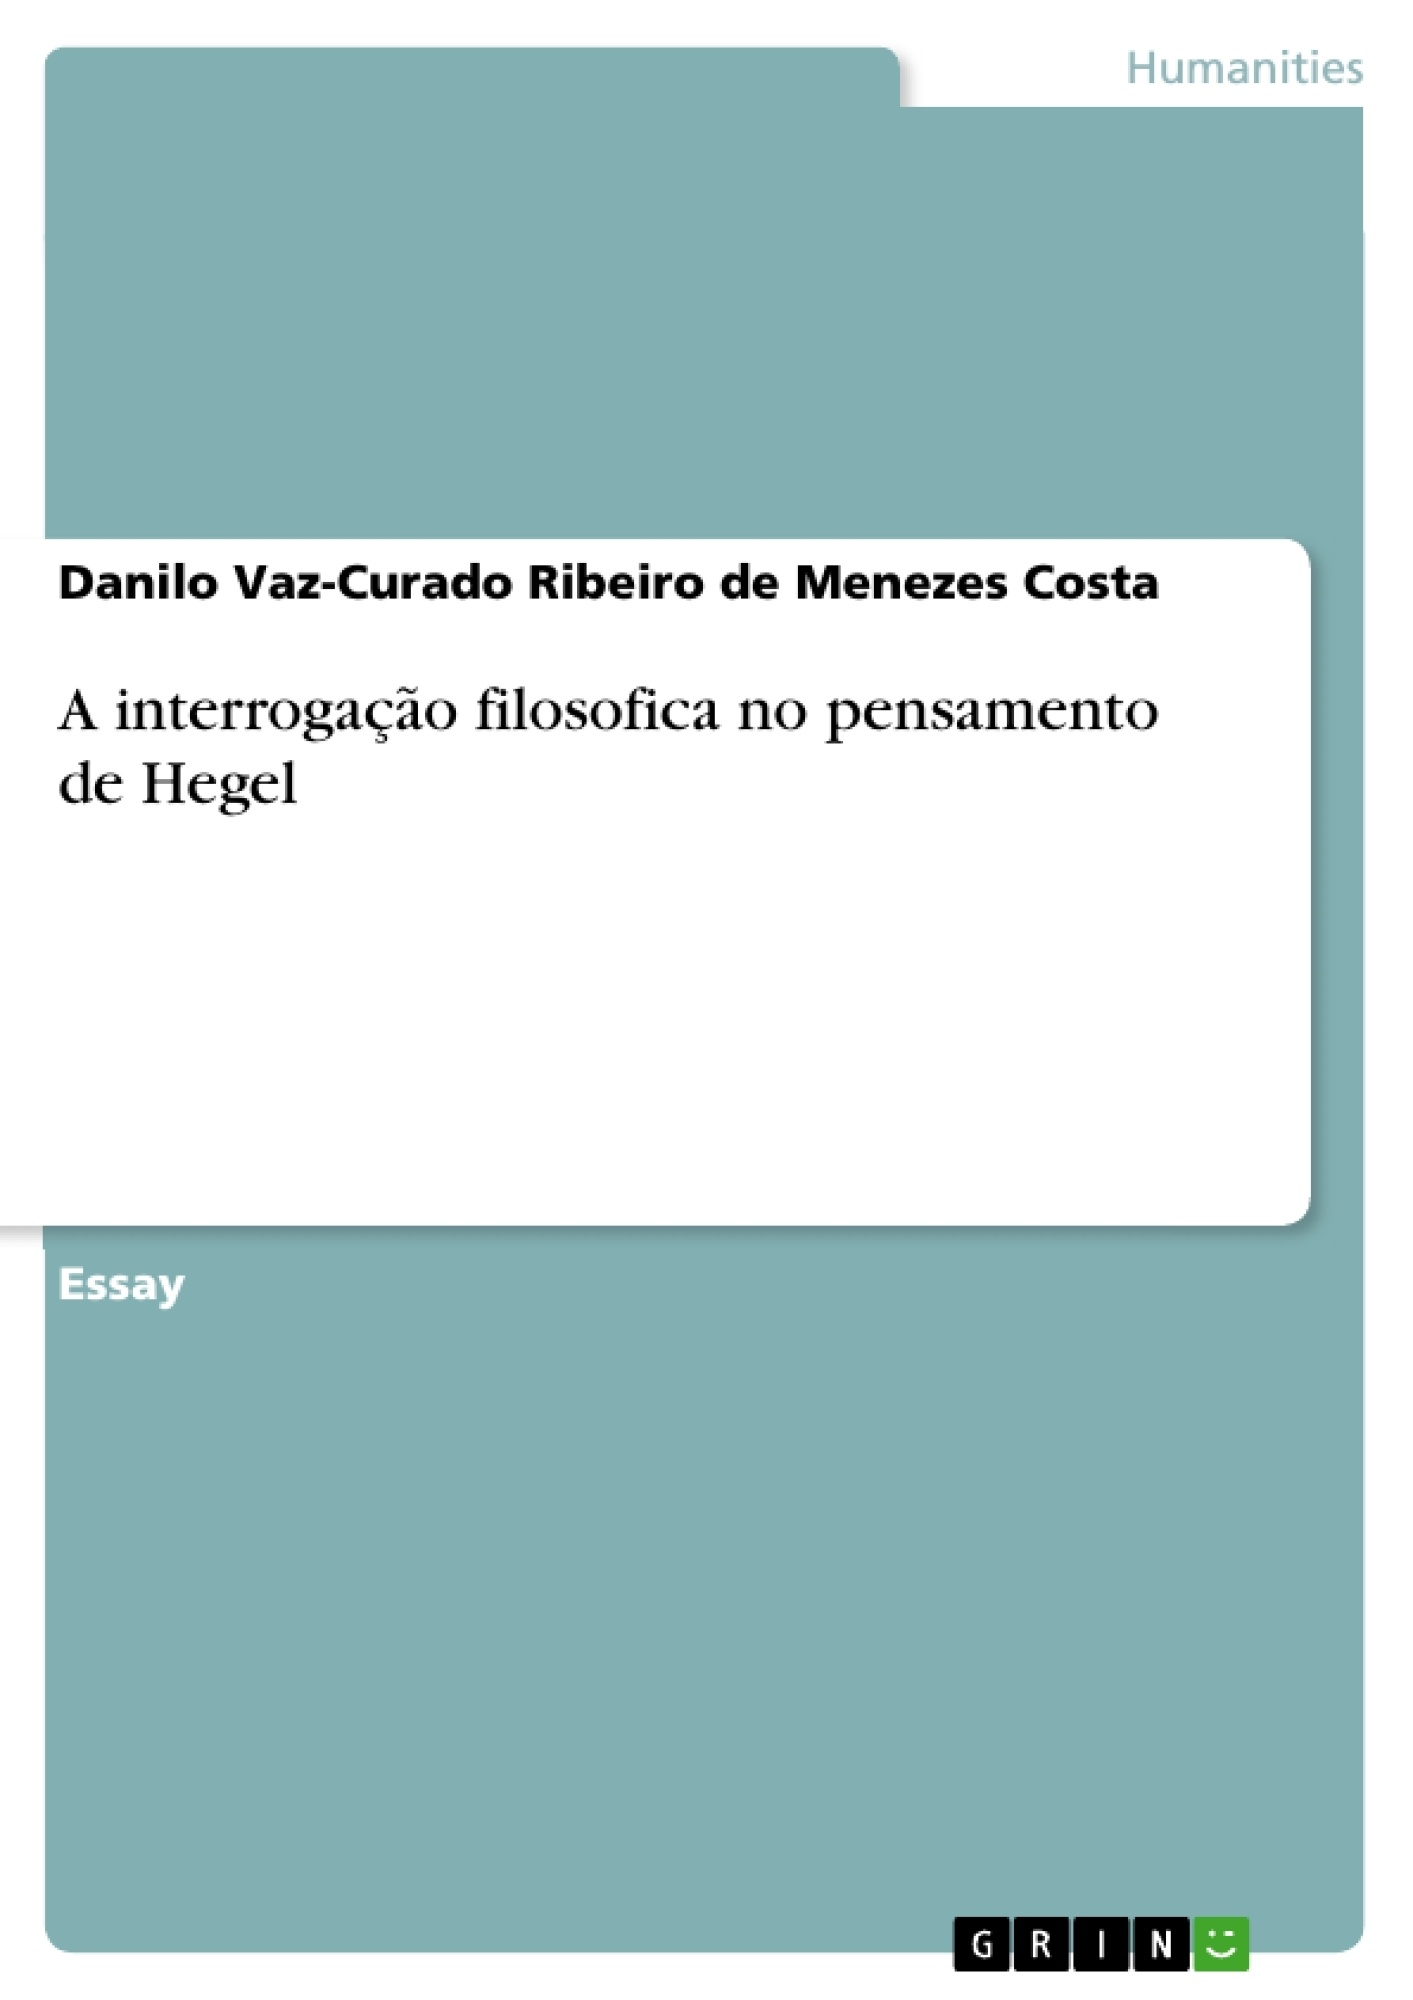 Title: A interrogação filosofica no pensamento de Hegel